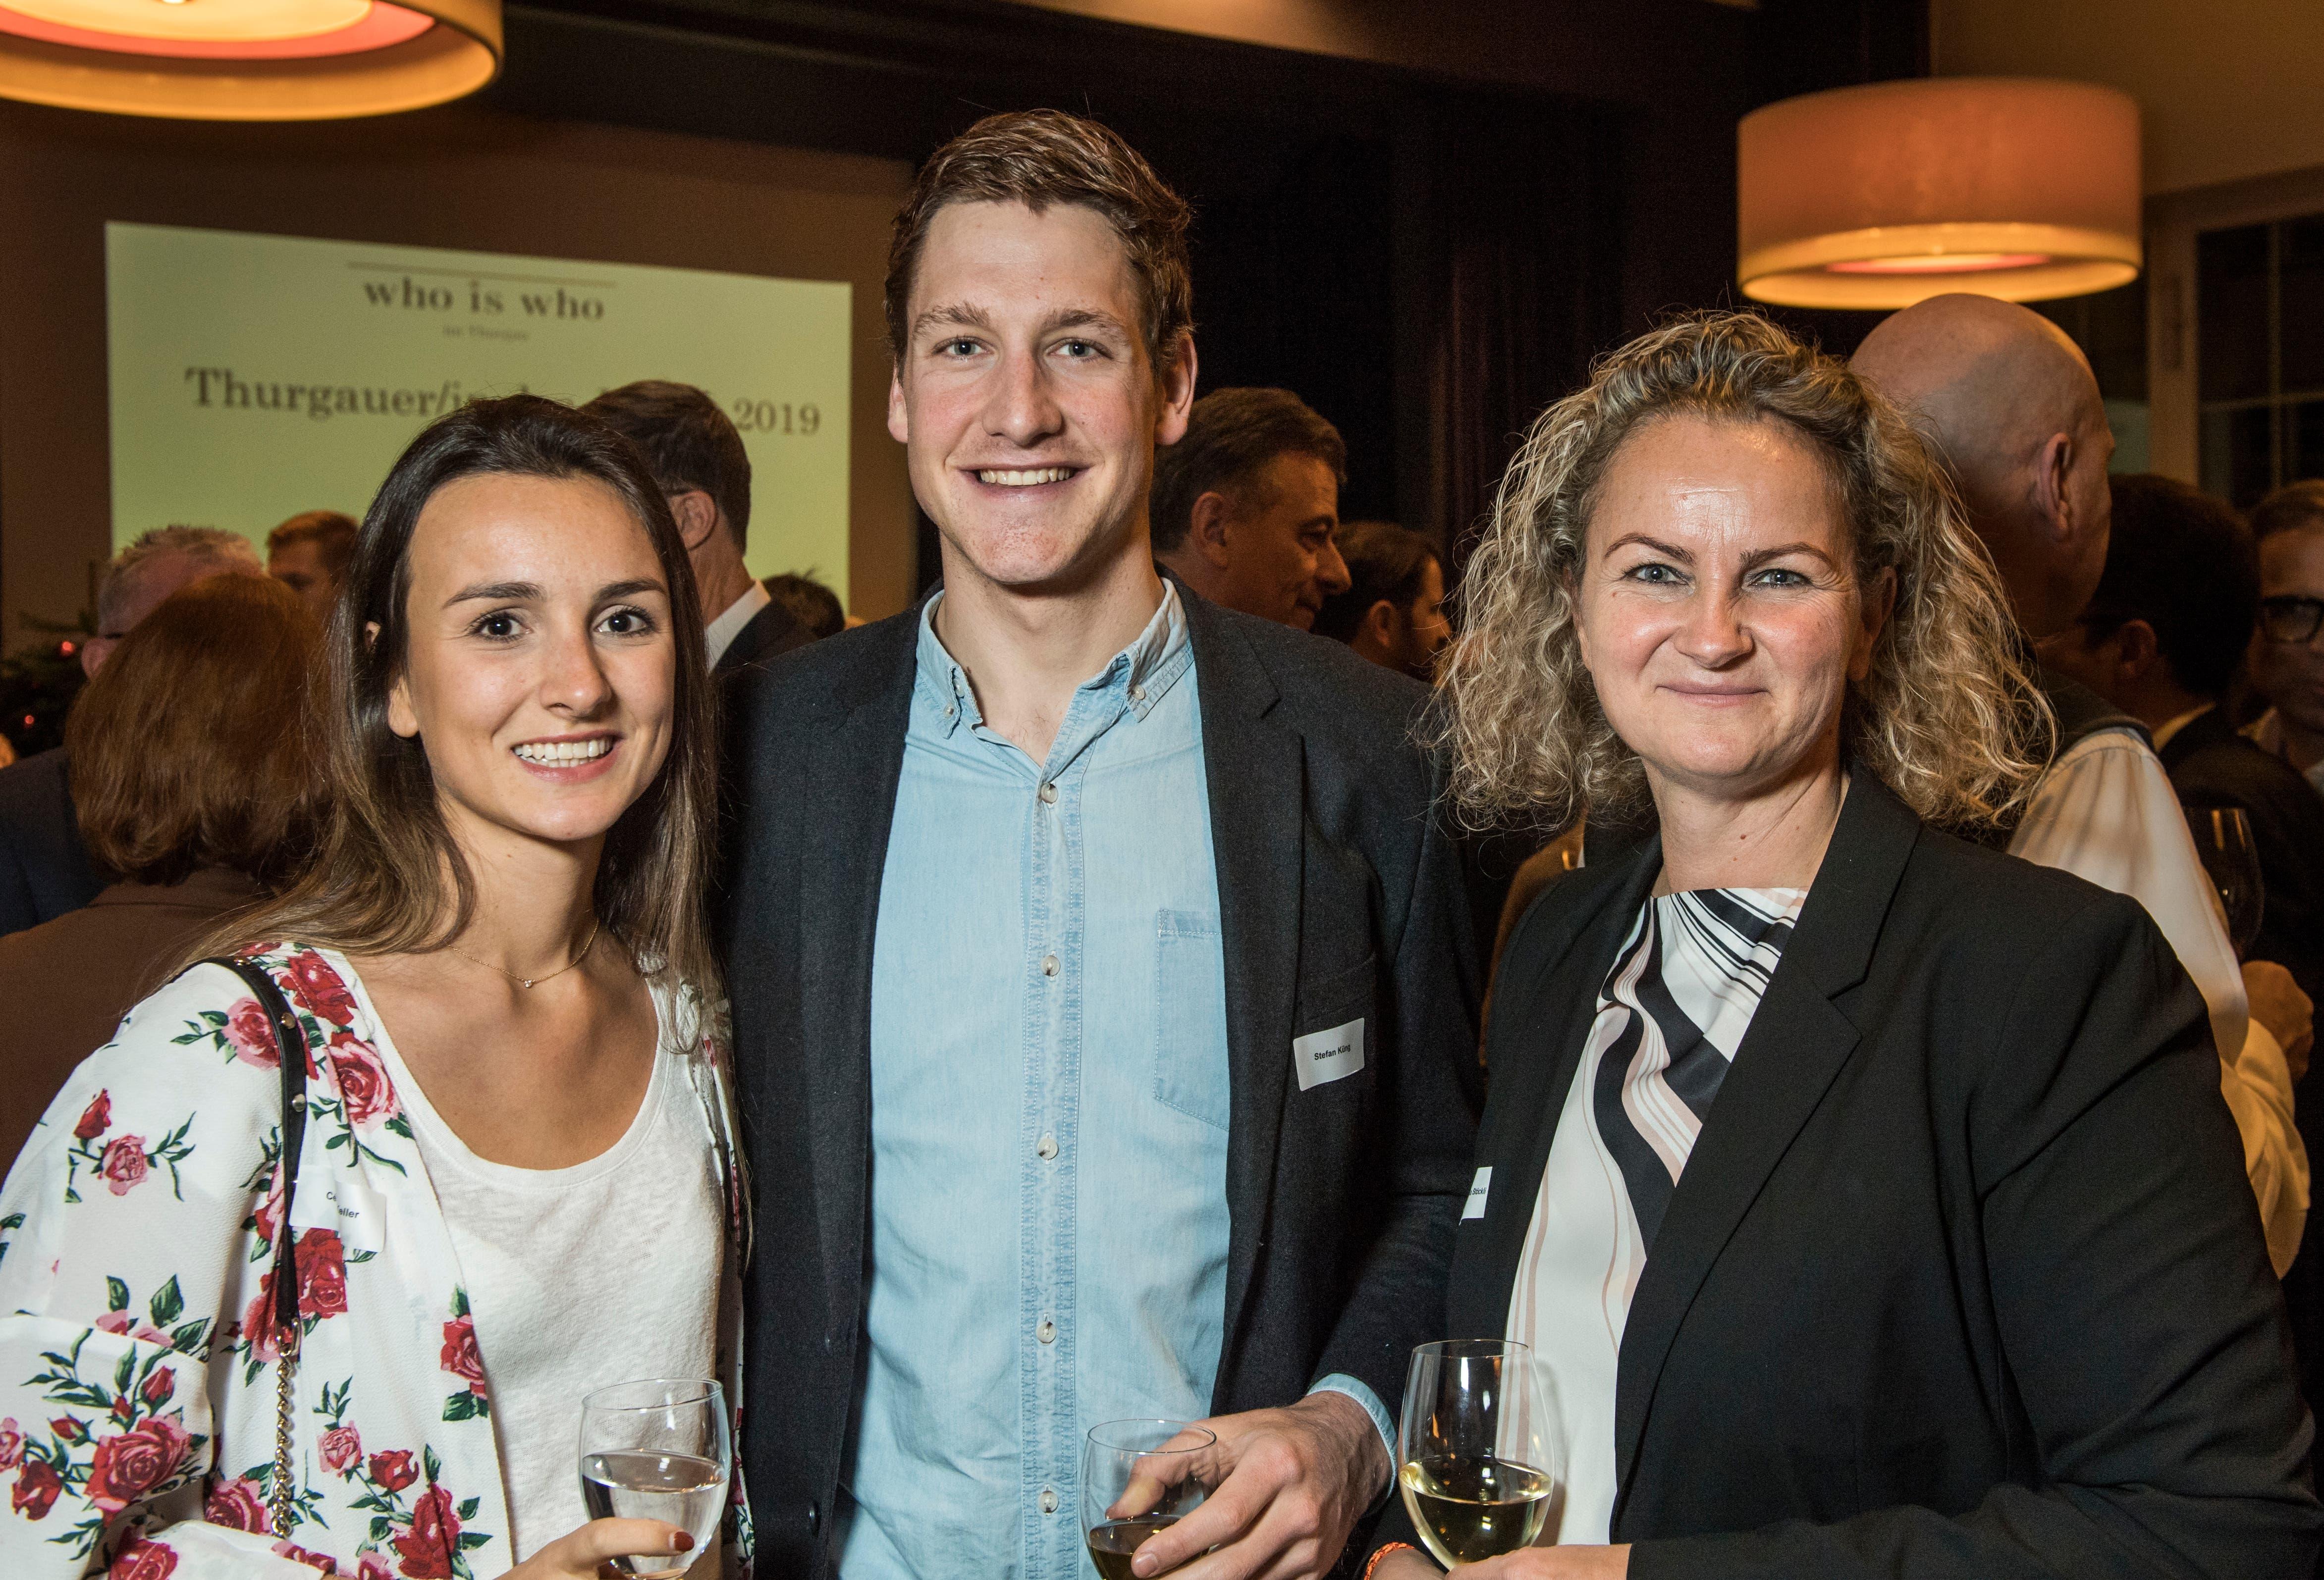 """Weinfelden TG - Feier des """"Who is Who im Thurgau 2019"""" im Traubensaal in Weinfelden."""